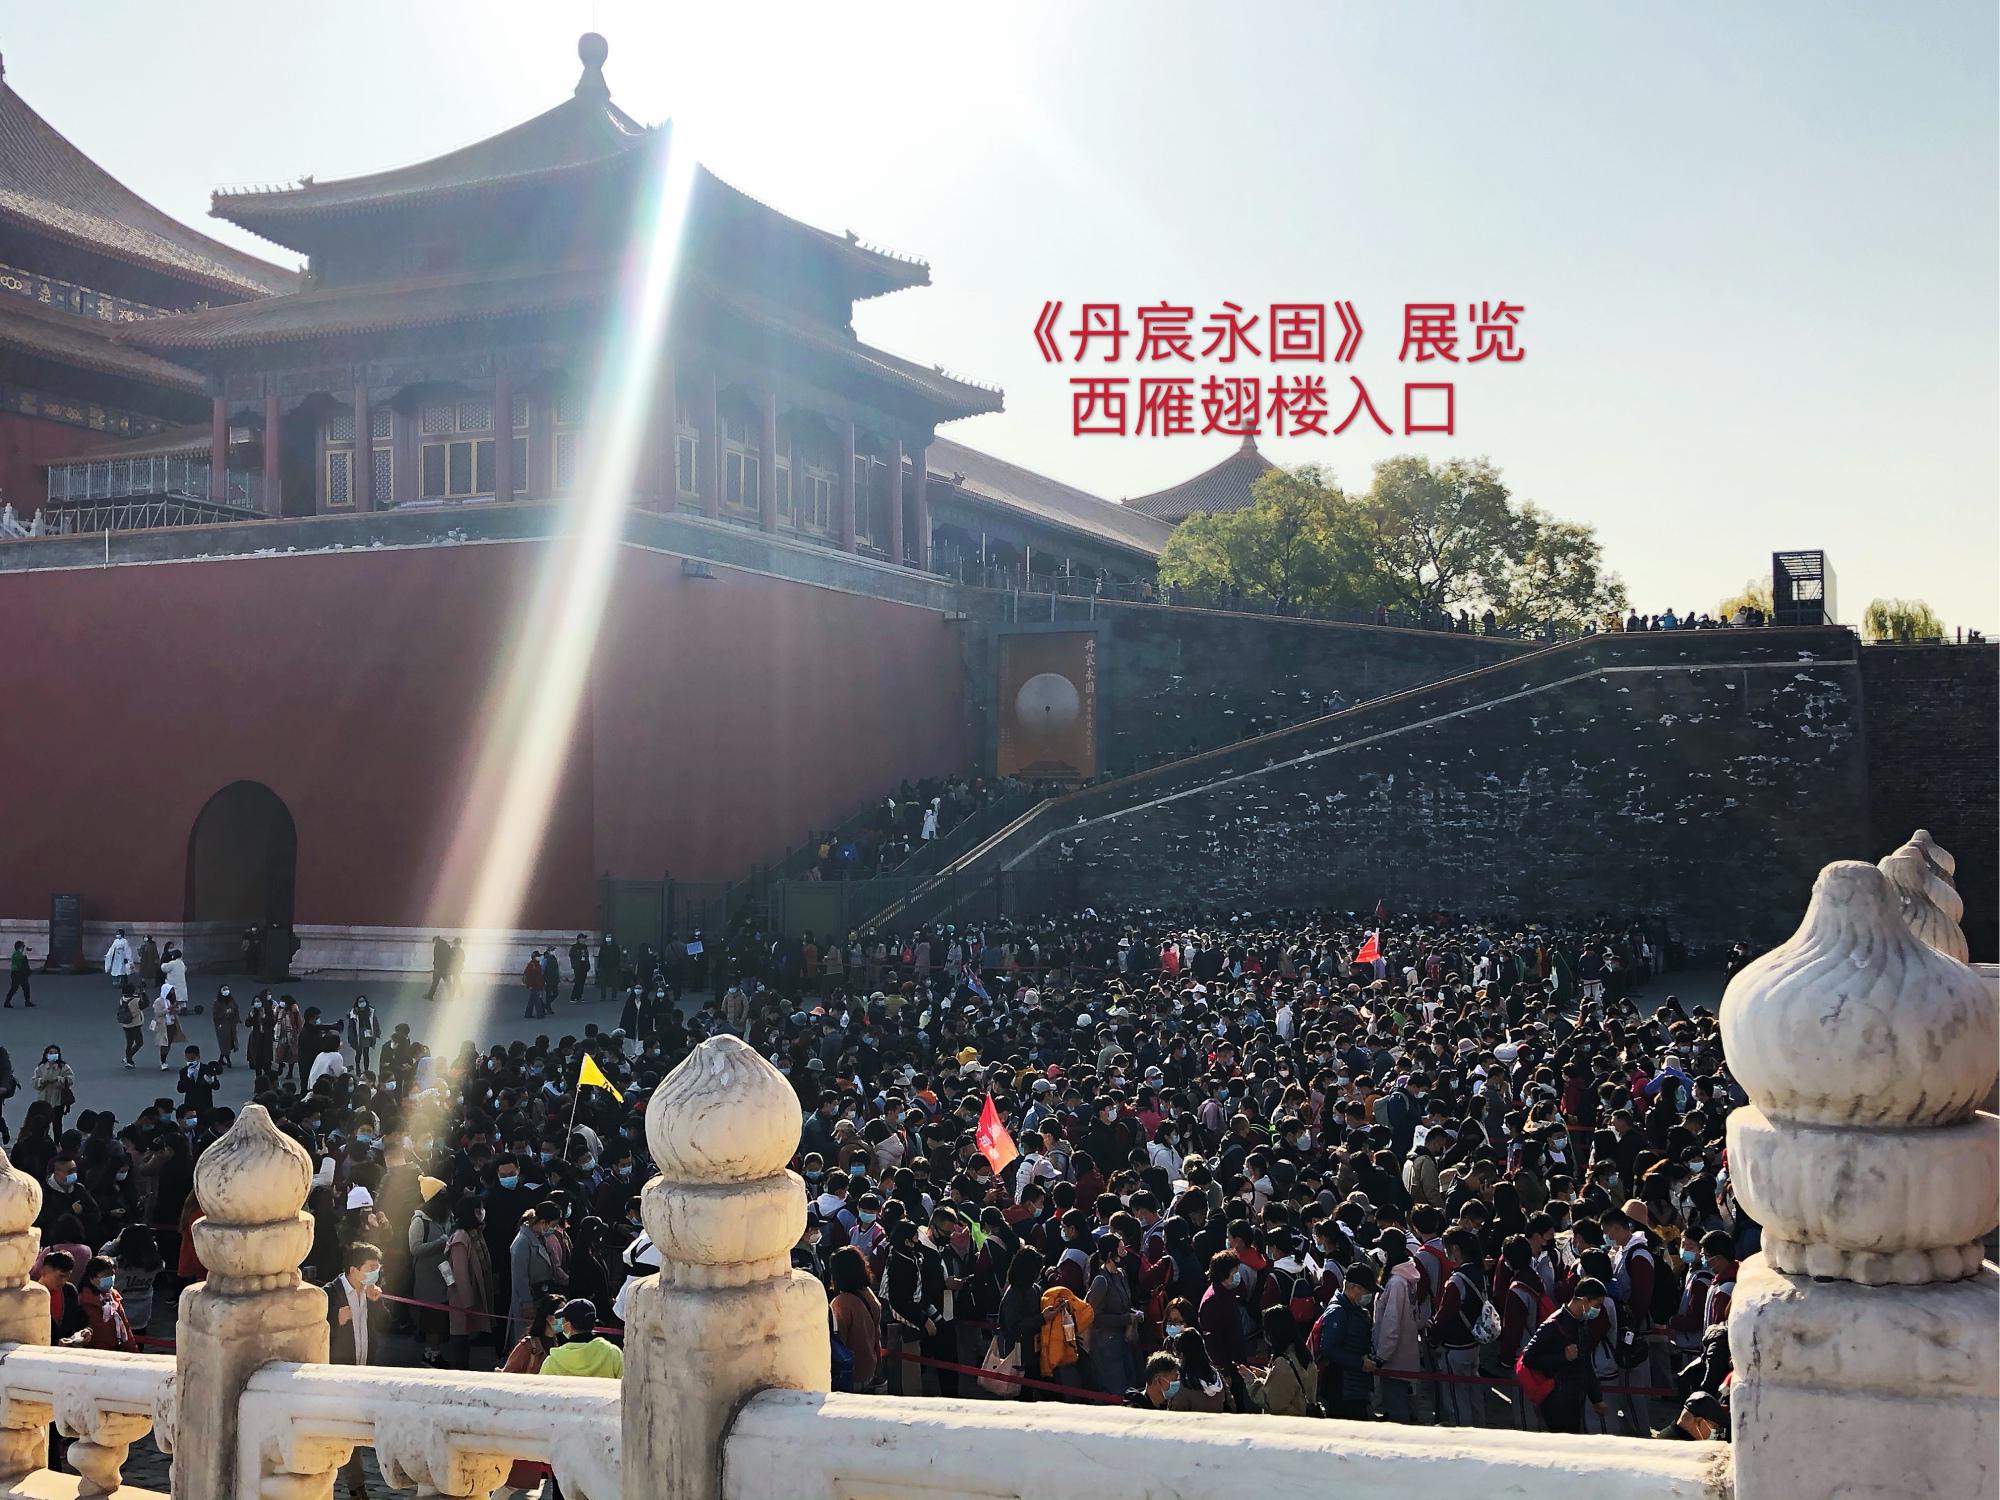 北京故宫的正门,不是讹传百年的斩首地点,游客也可享受帝王待遇